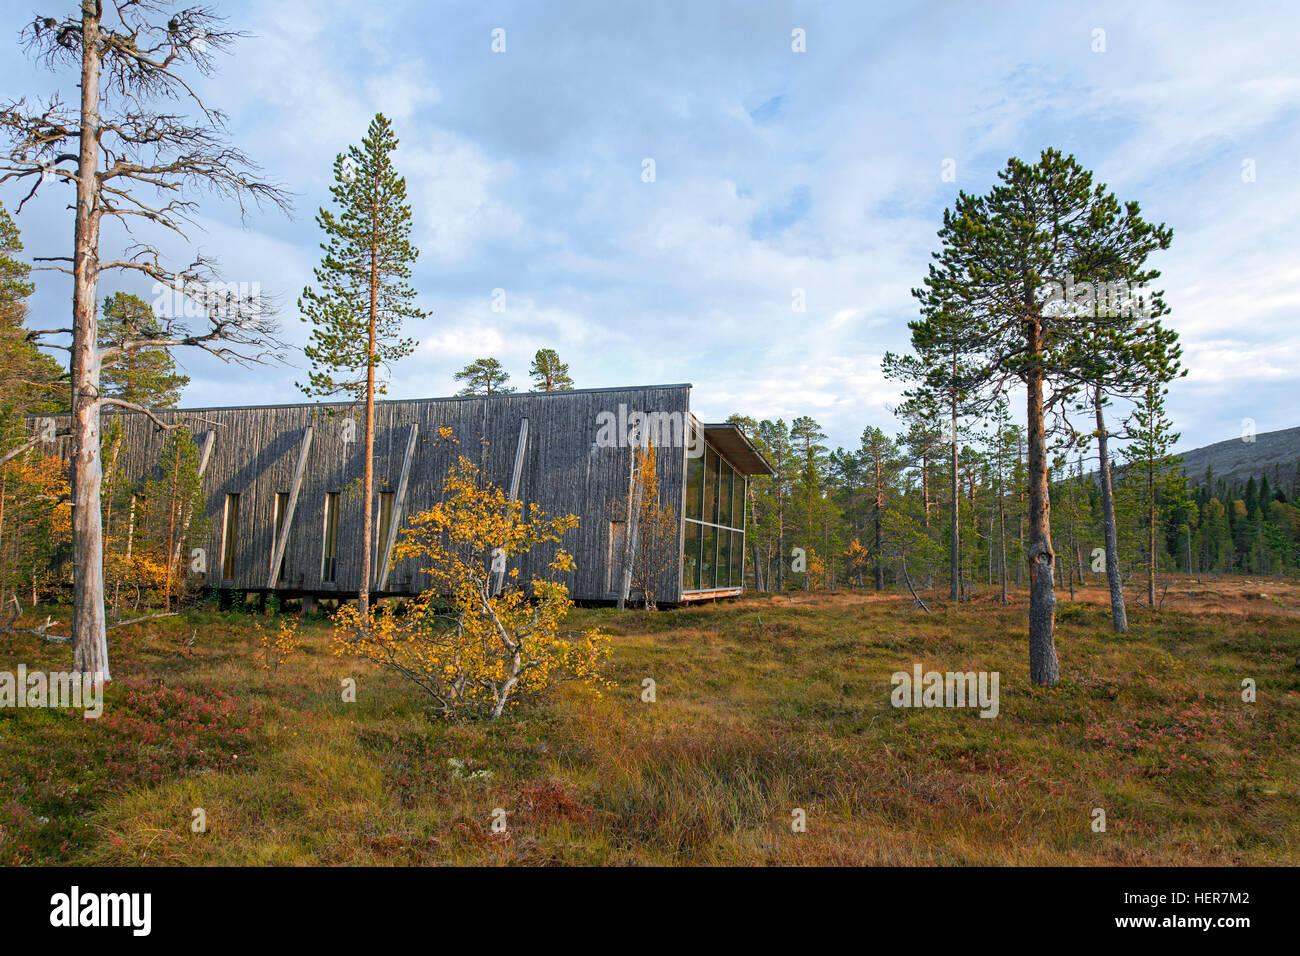 Visitor center of Fulufjället National Park, Älvdalen, Dalarna, Sweden - Stock Image